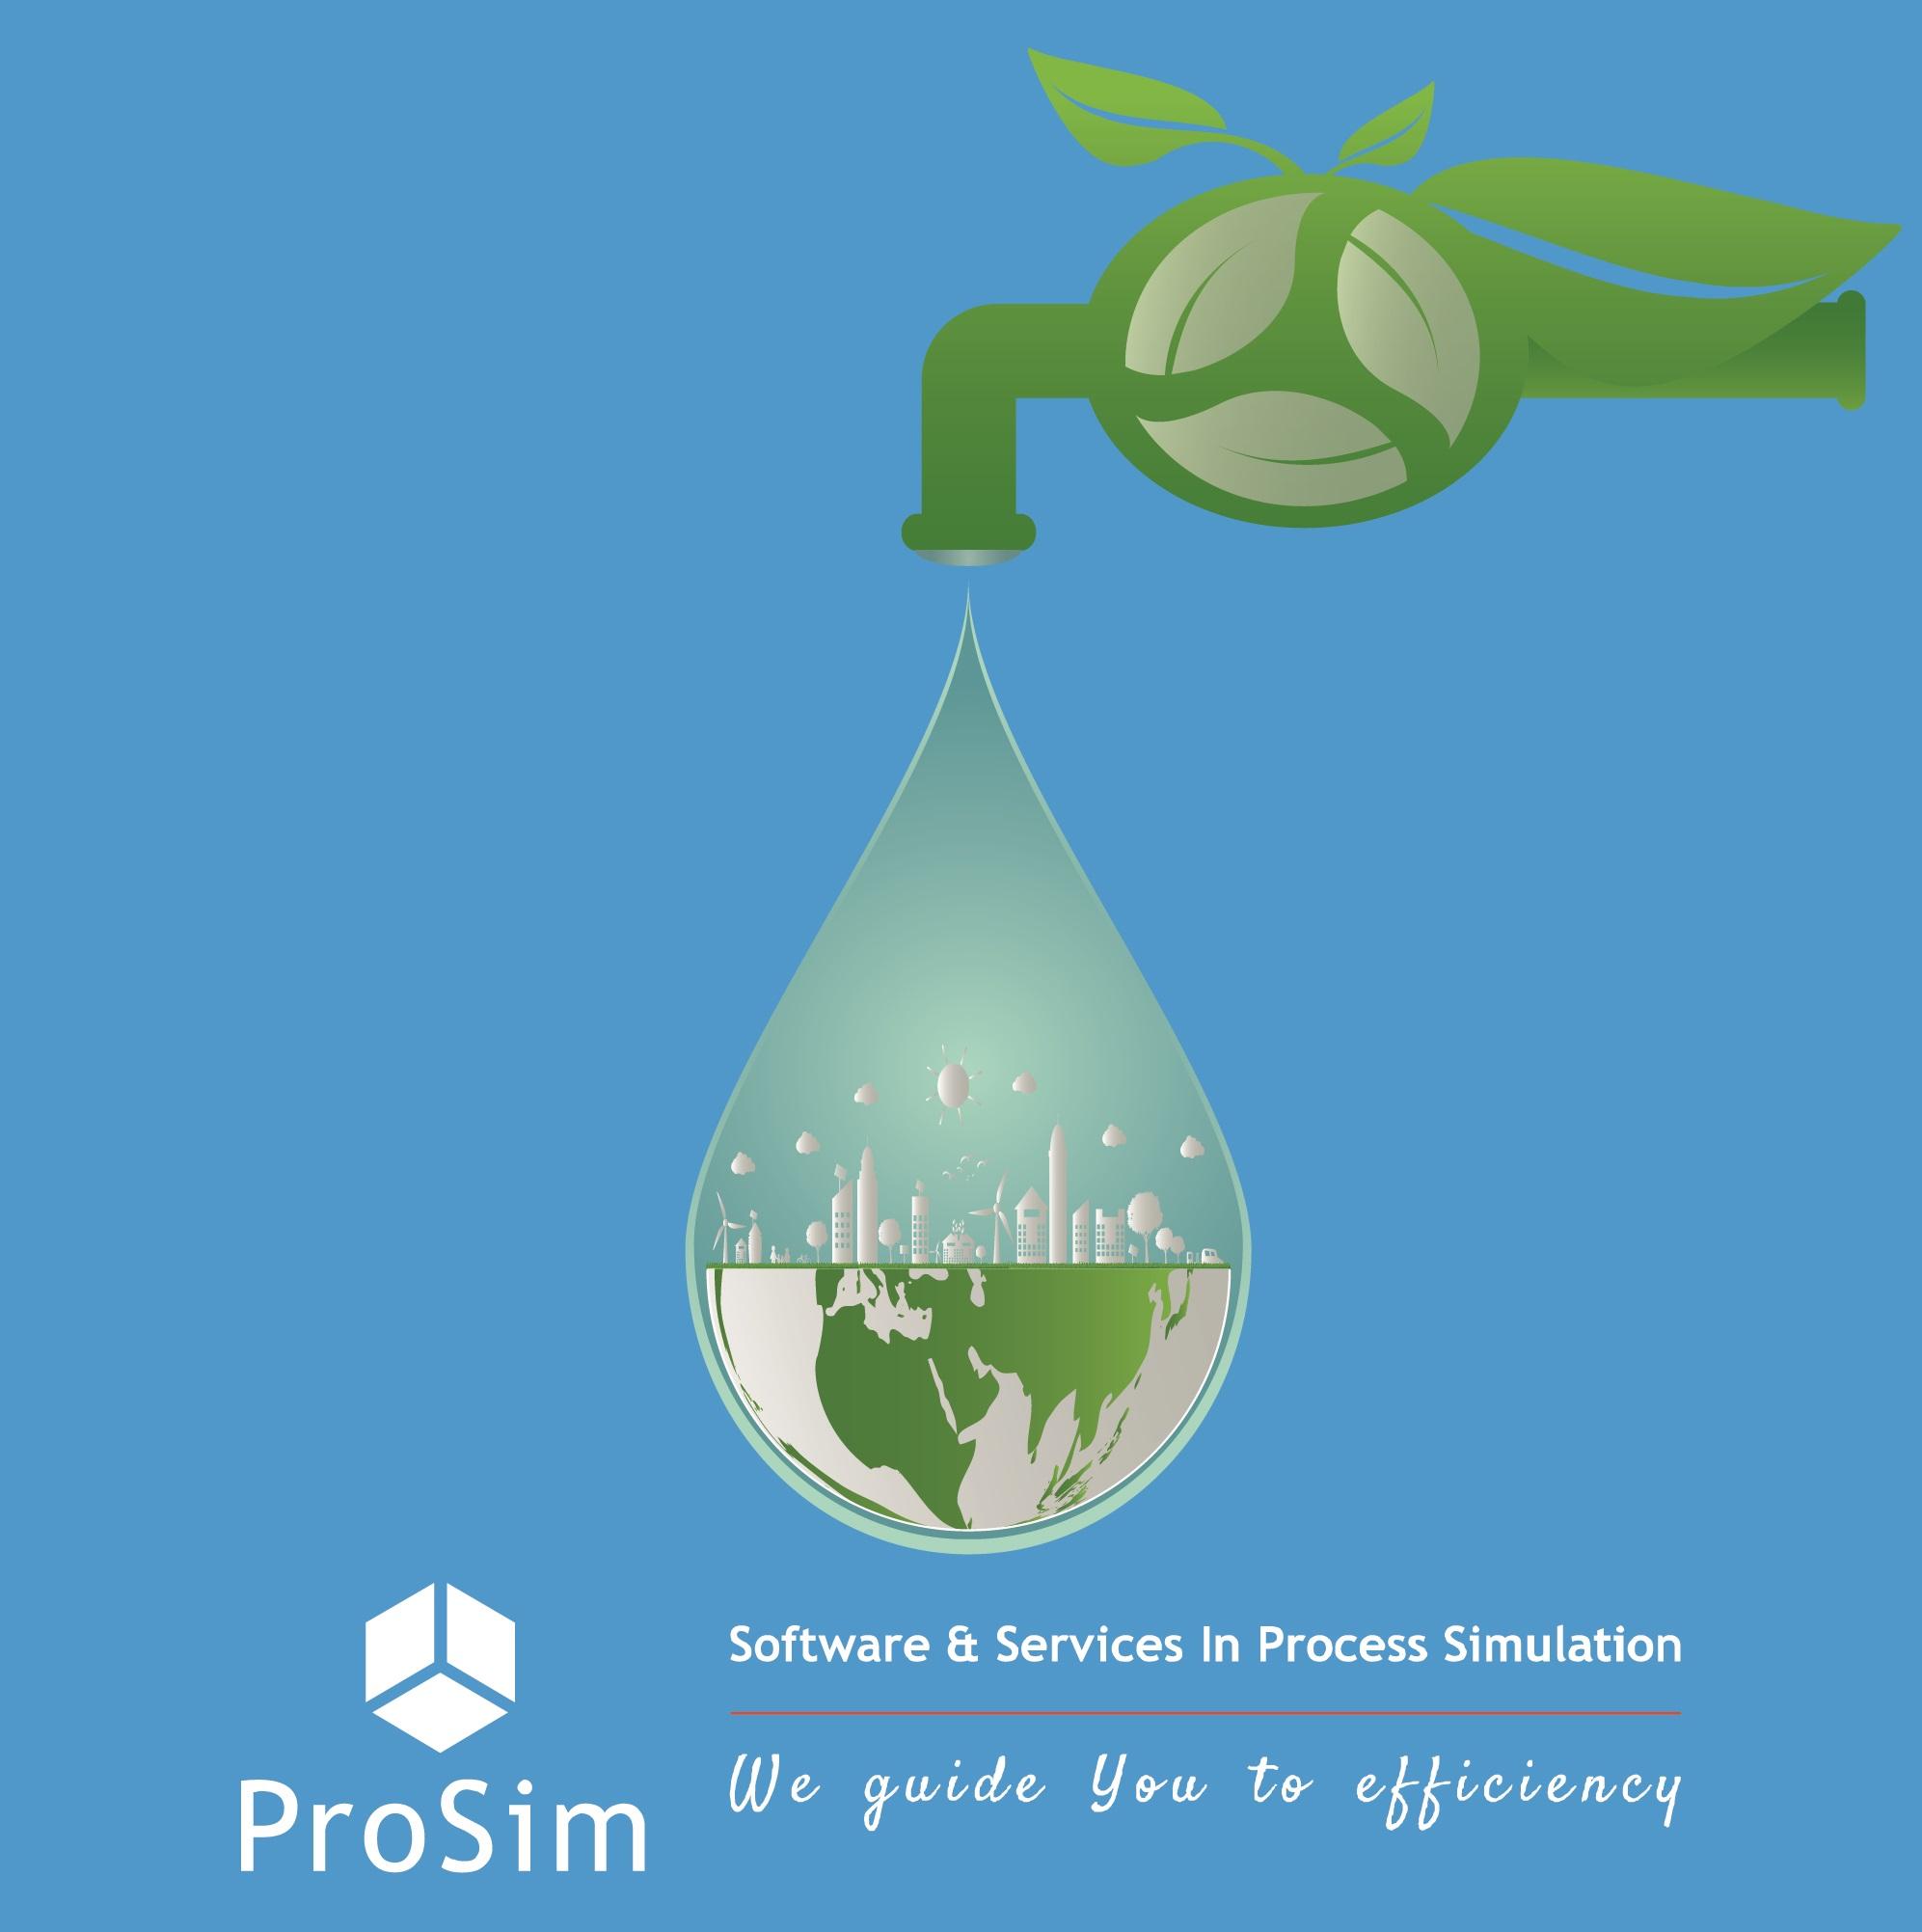 Water and Energy savings - Pinch method - water pinch analysis